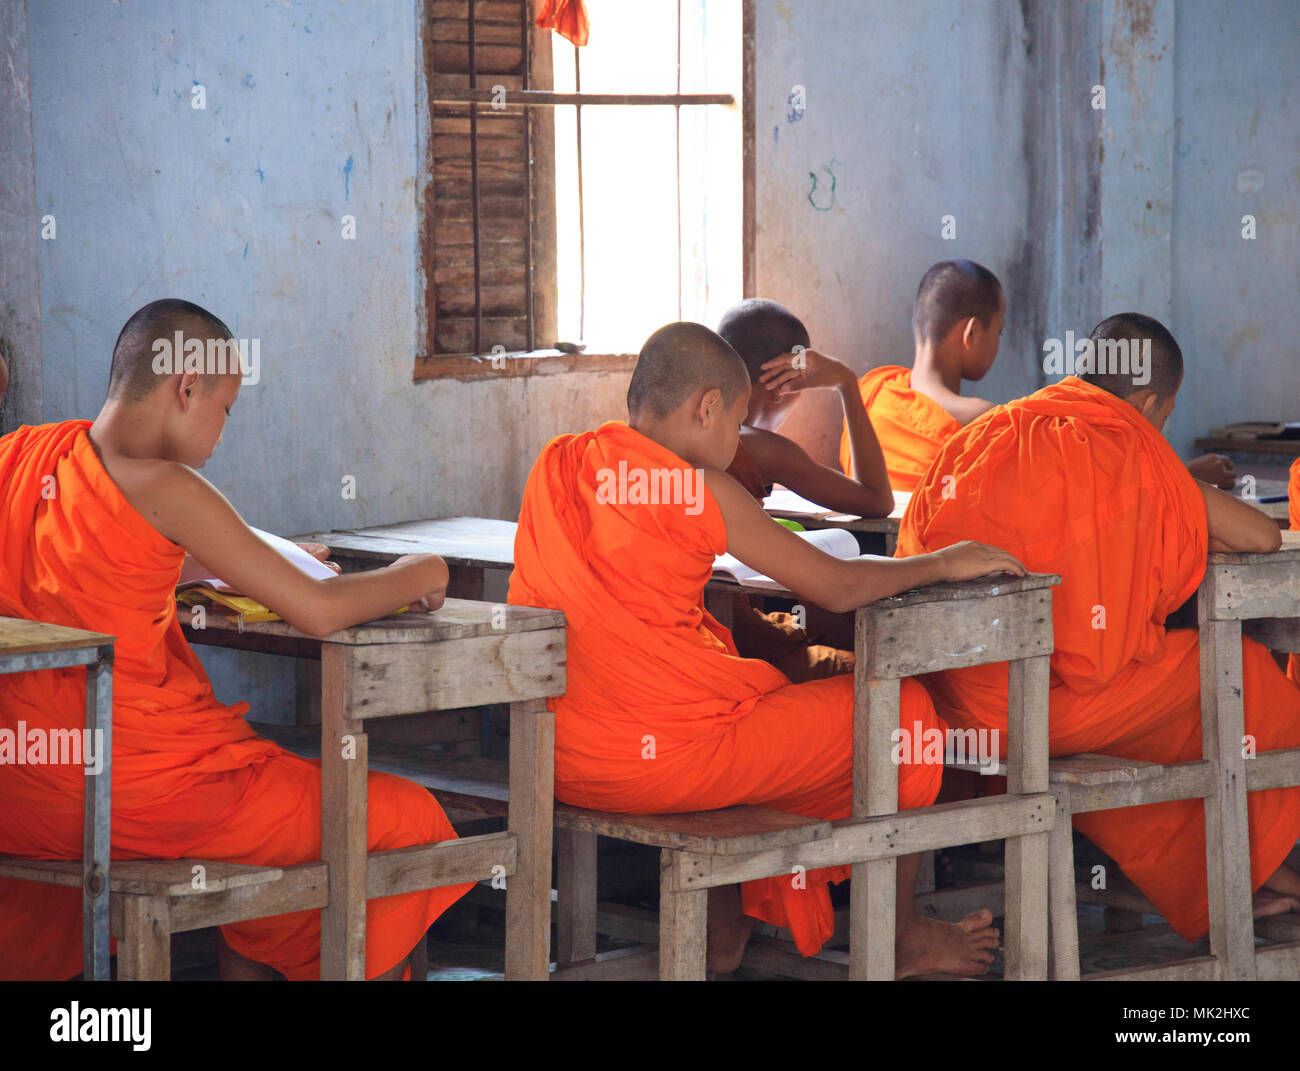 Moine Bouddhiste Novice les enfants de l'école dans une salle de classe en milieu rural au Cambodge Photo Stock